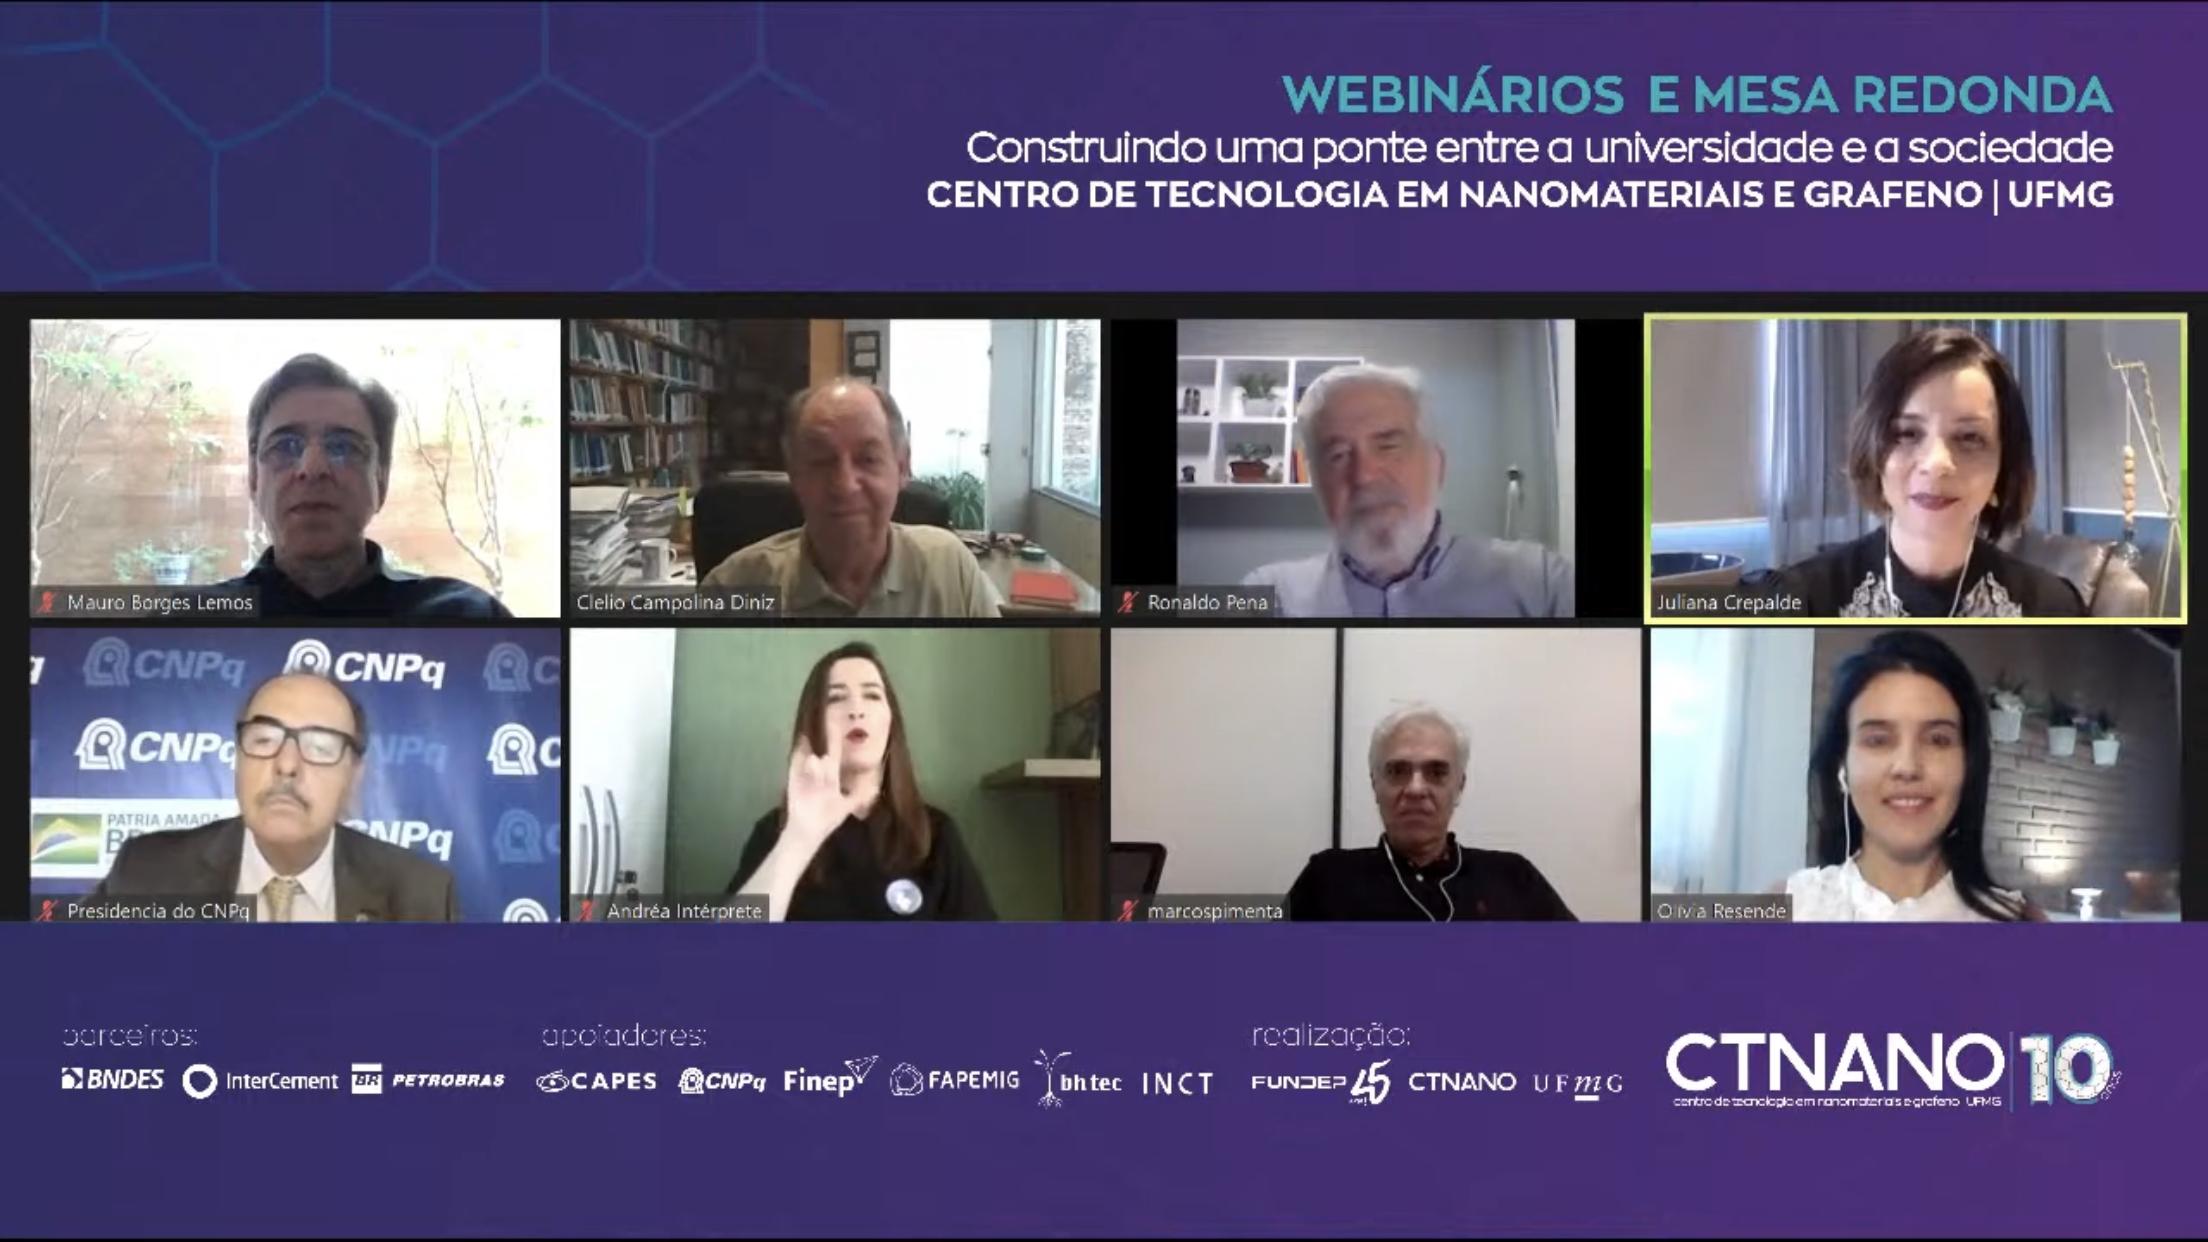 Mesa reuniu gestores de ciência e tecnologia; Marcos Pimenta (segundo da direita para a esquerda na segunda fila) é o coordenador do CTNano